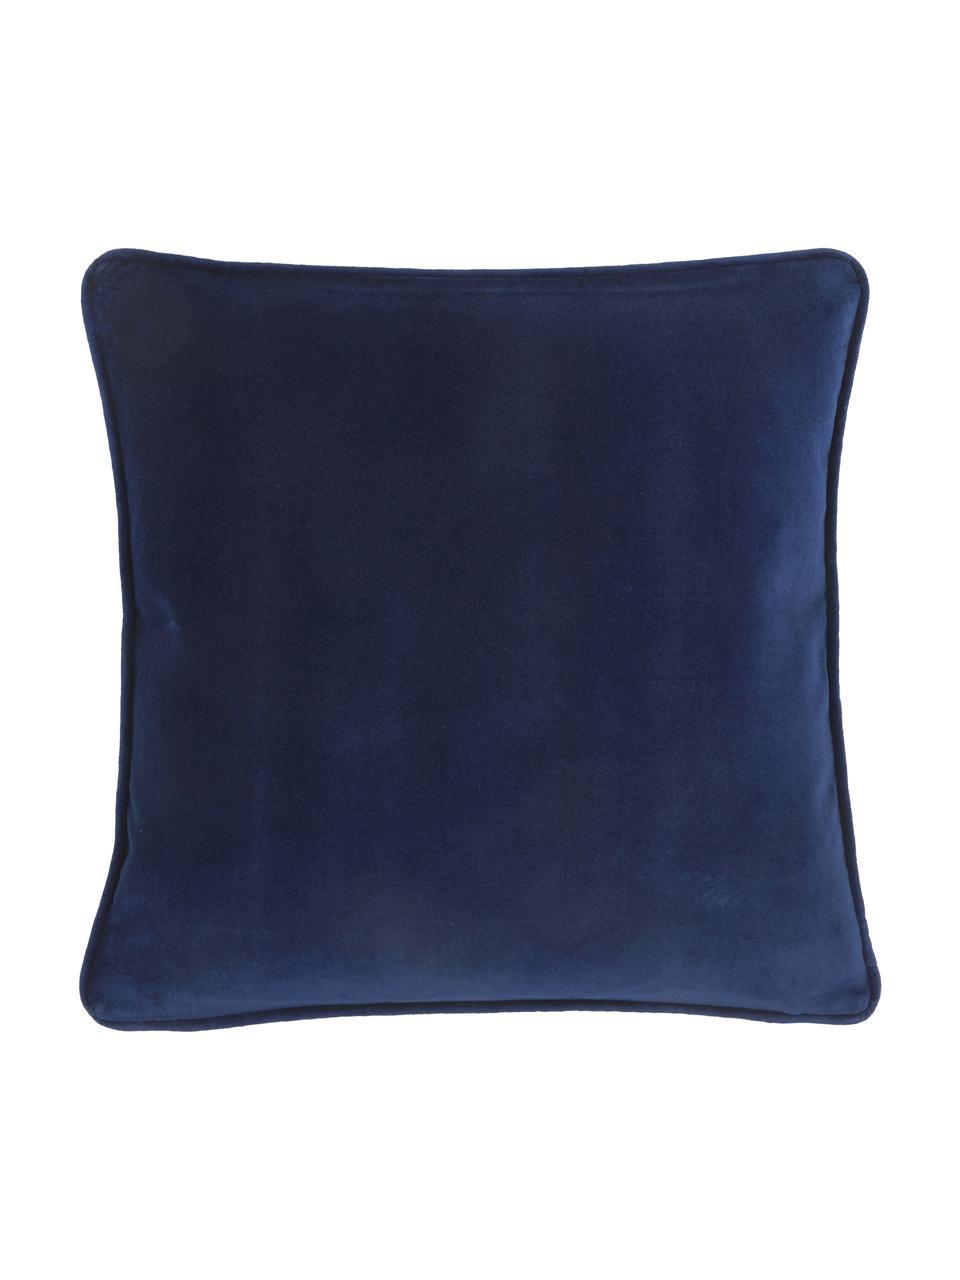 Poszewka na poduszkę z aksamitu Dana, 100% aksamit bawełniany, Marynarski granat, S 50 x D 50 cm